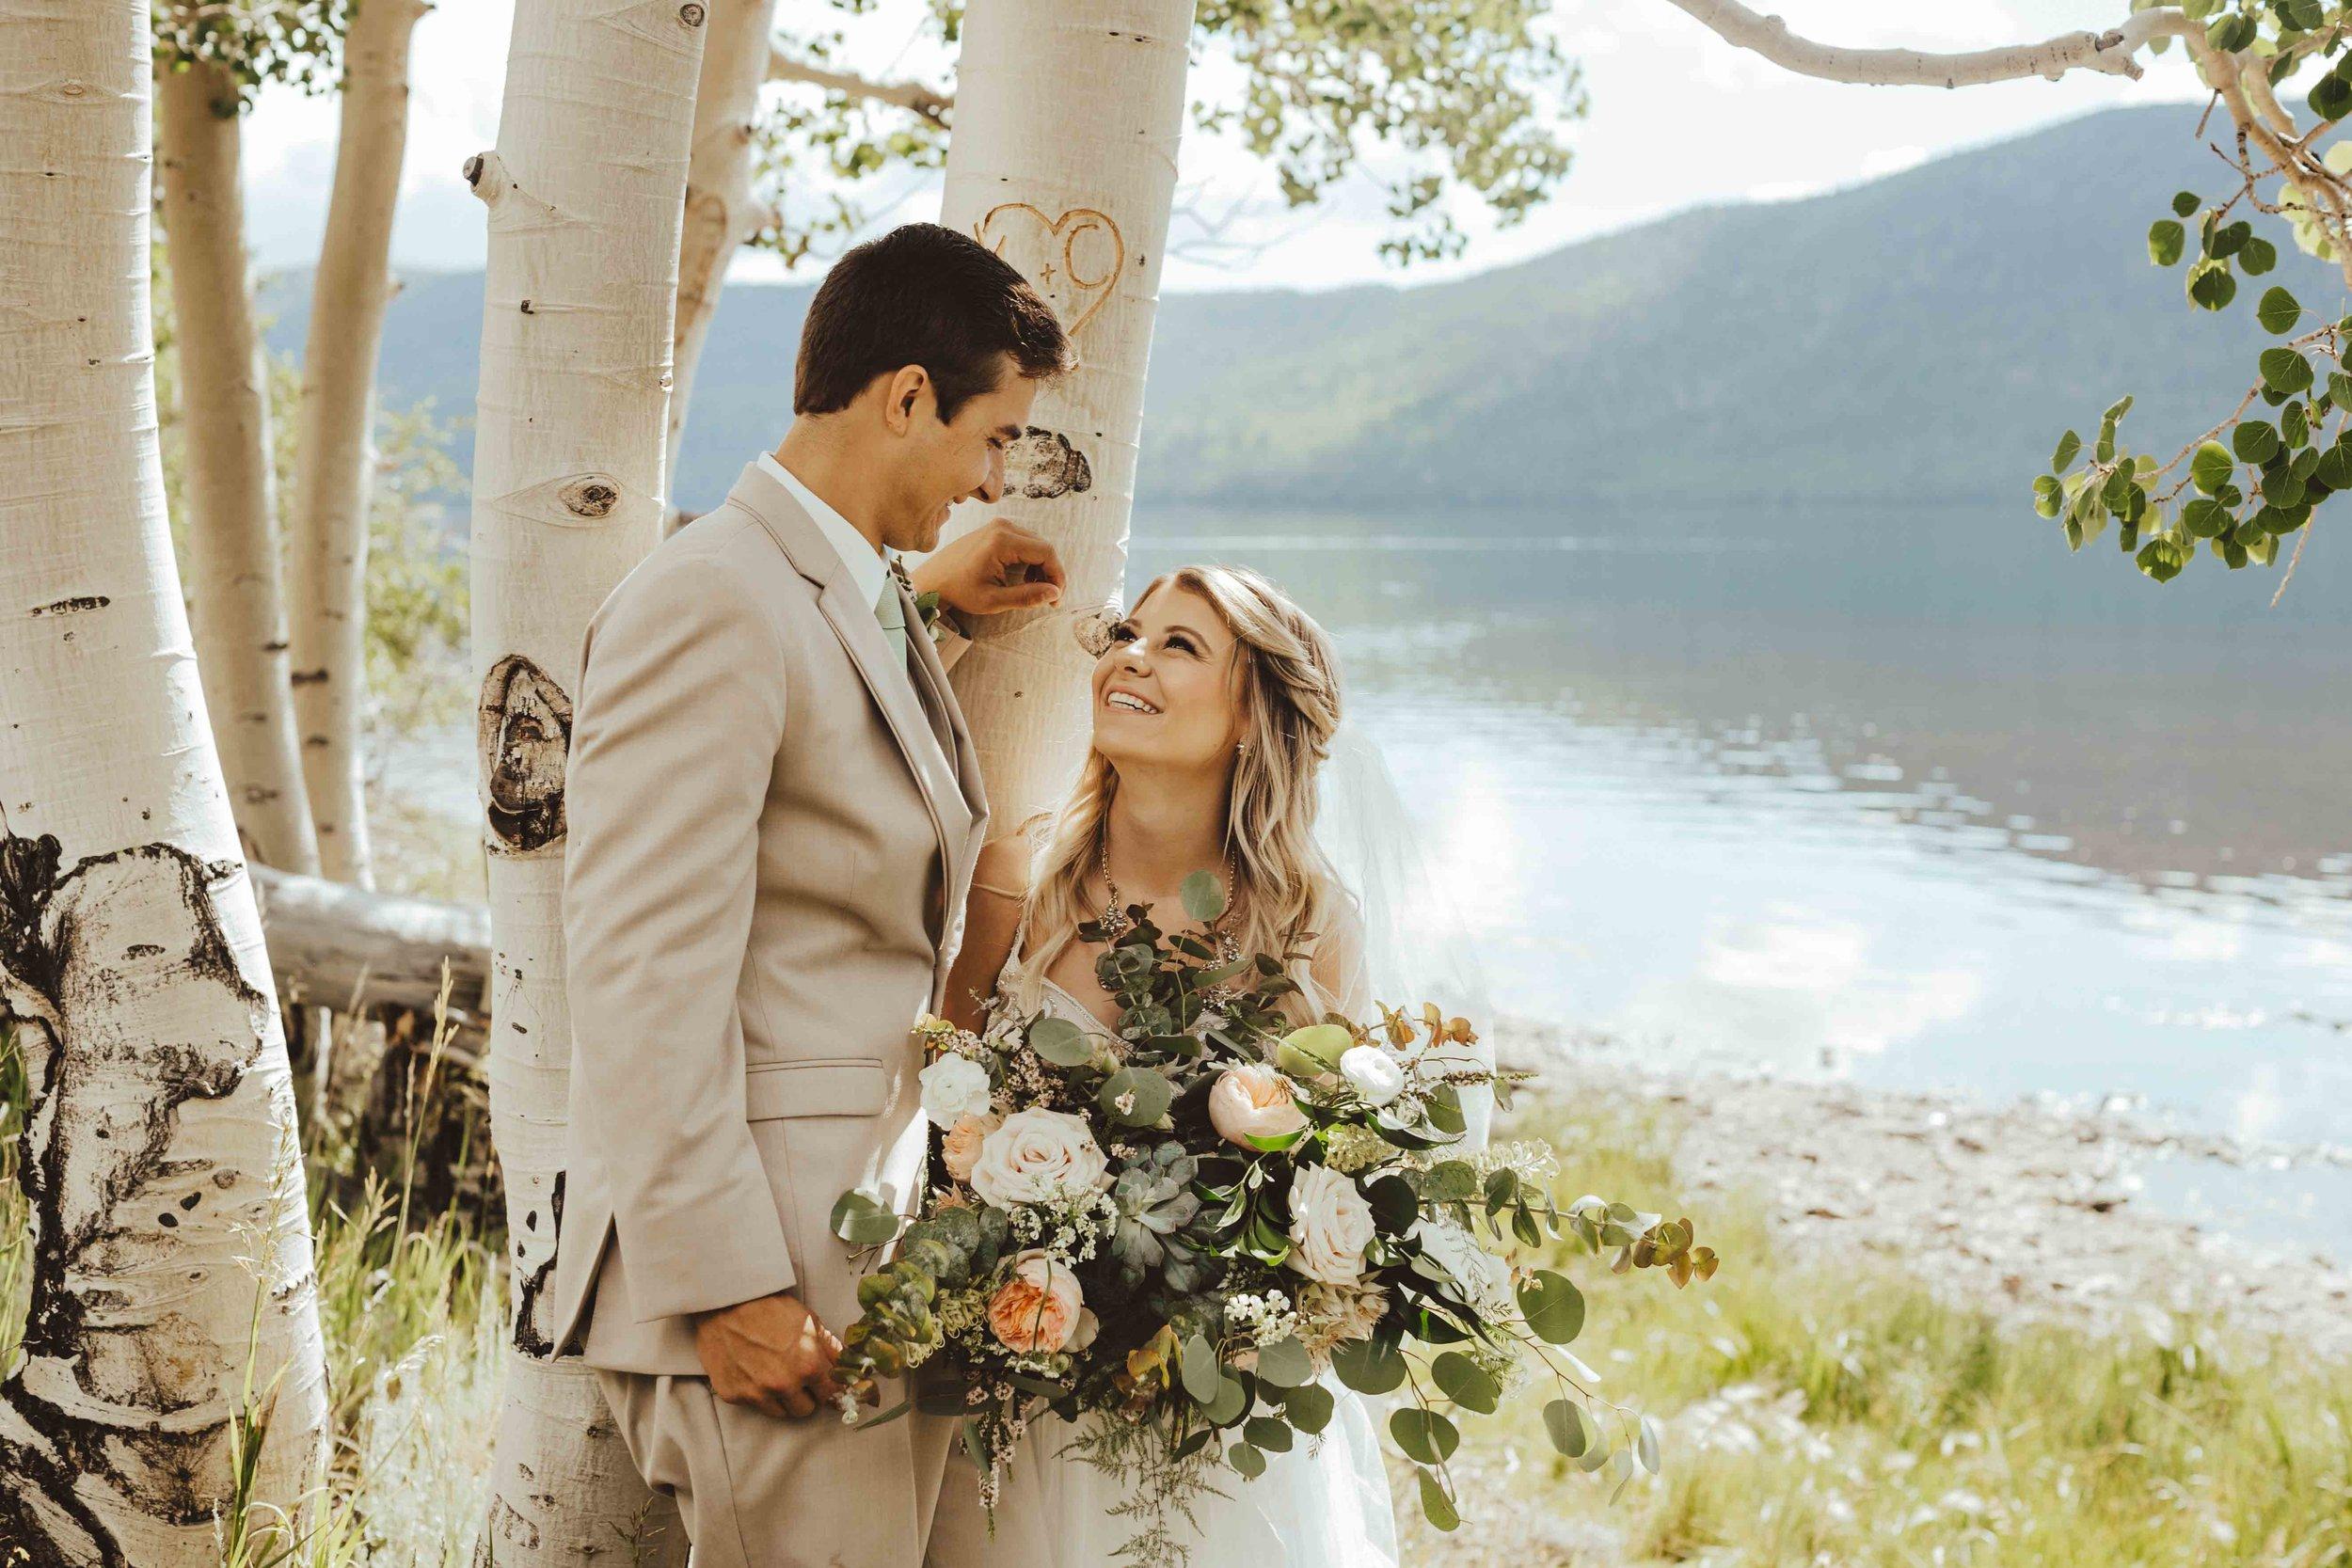 wedding day (41 of 47).jpg